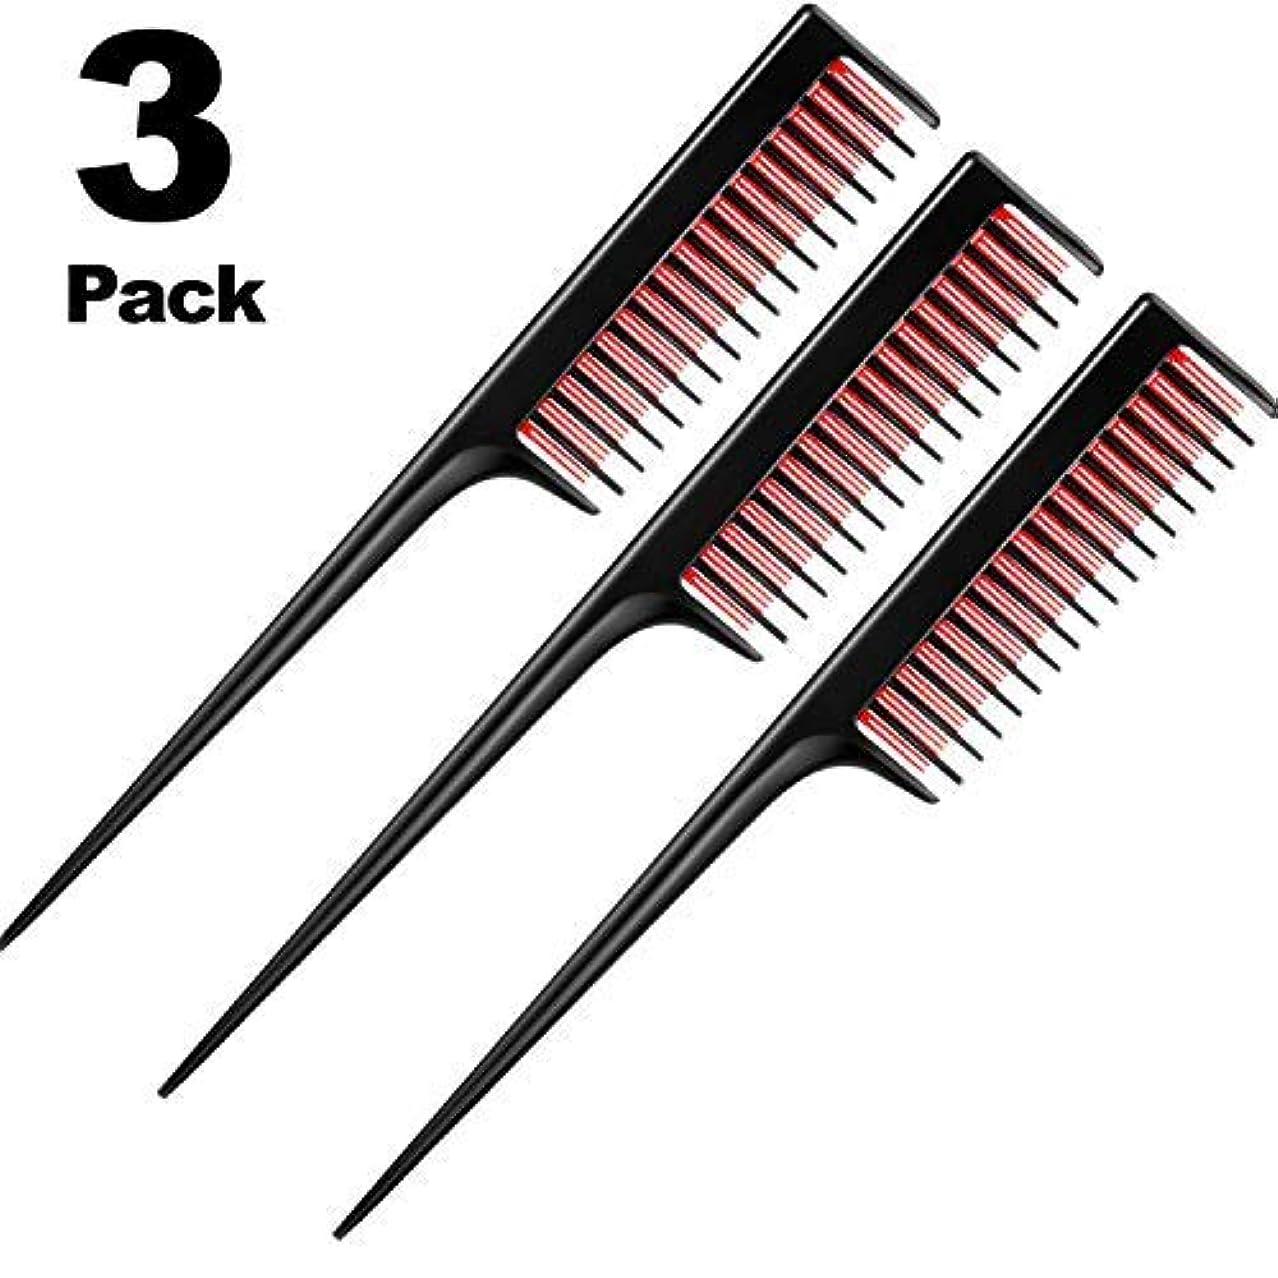 敬意を表して面倒支援3 Piece Triple Teasing Comb, rat tail combs for women,Tool Structure Tease Layers Rattail Comb,Rat Tail Comb for Back Combing Root Teasing, Adding Volume, Evening Styling [並行輸入品]